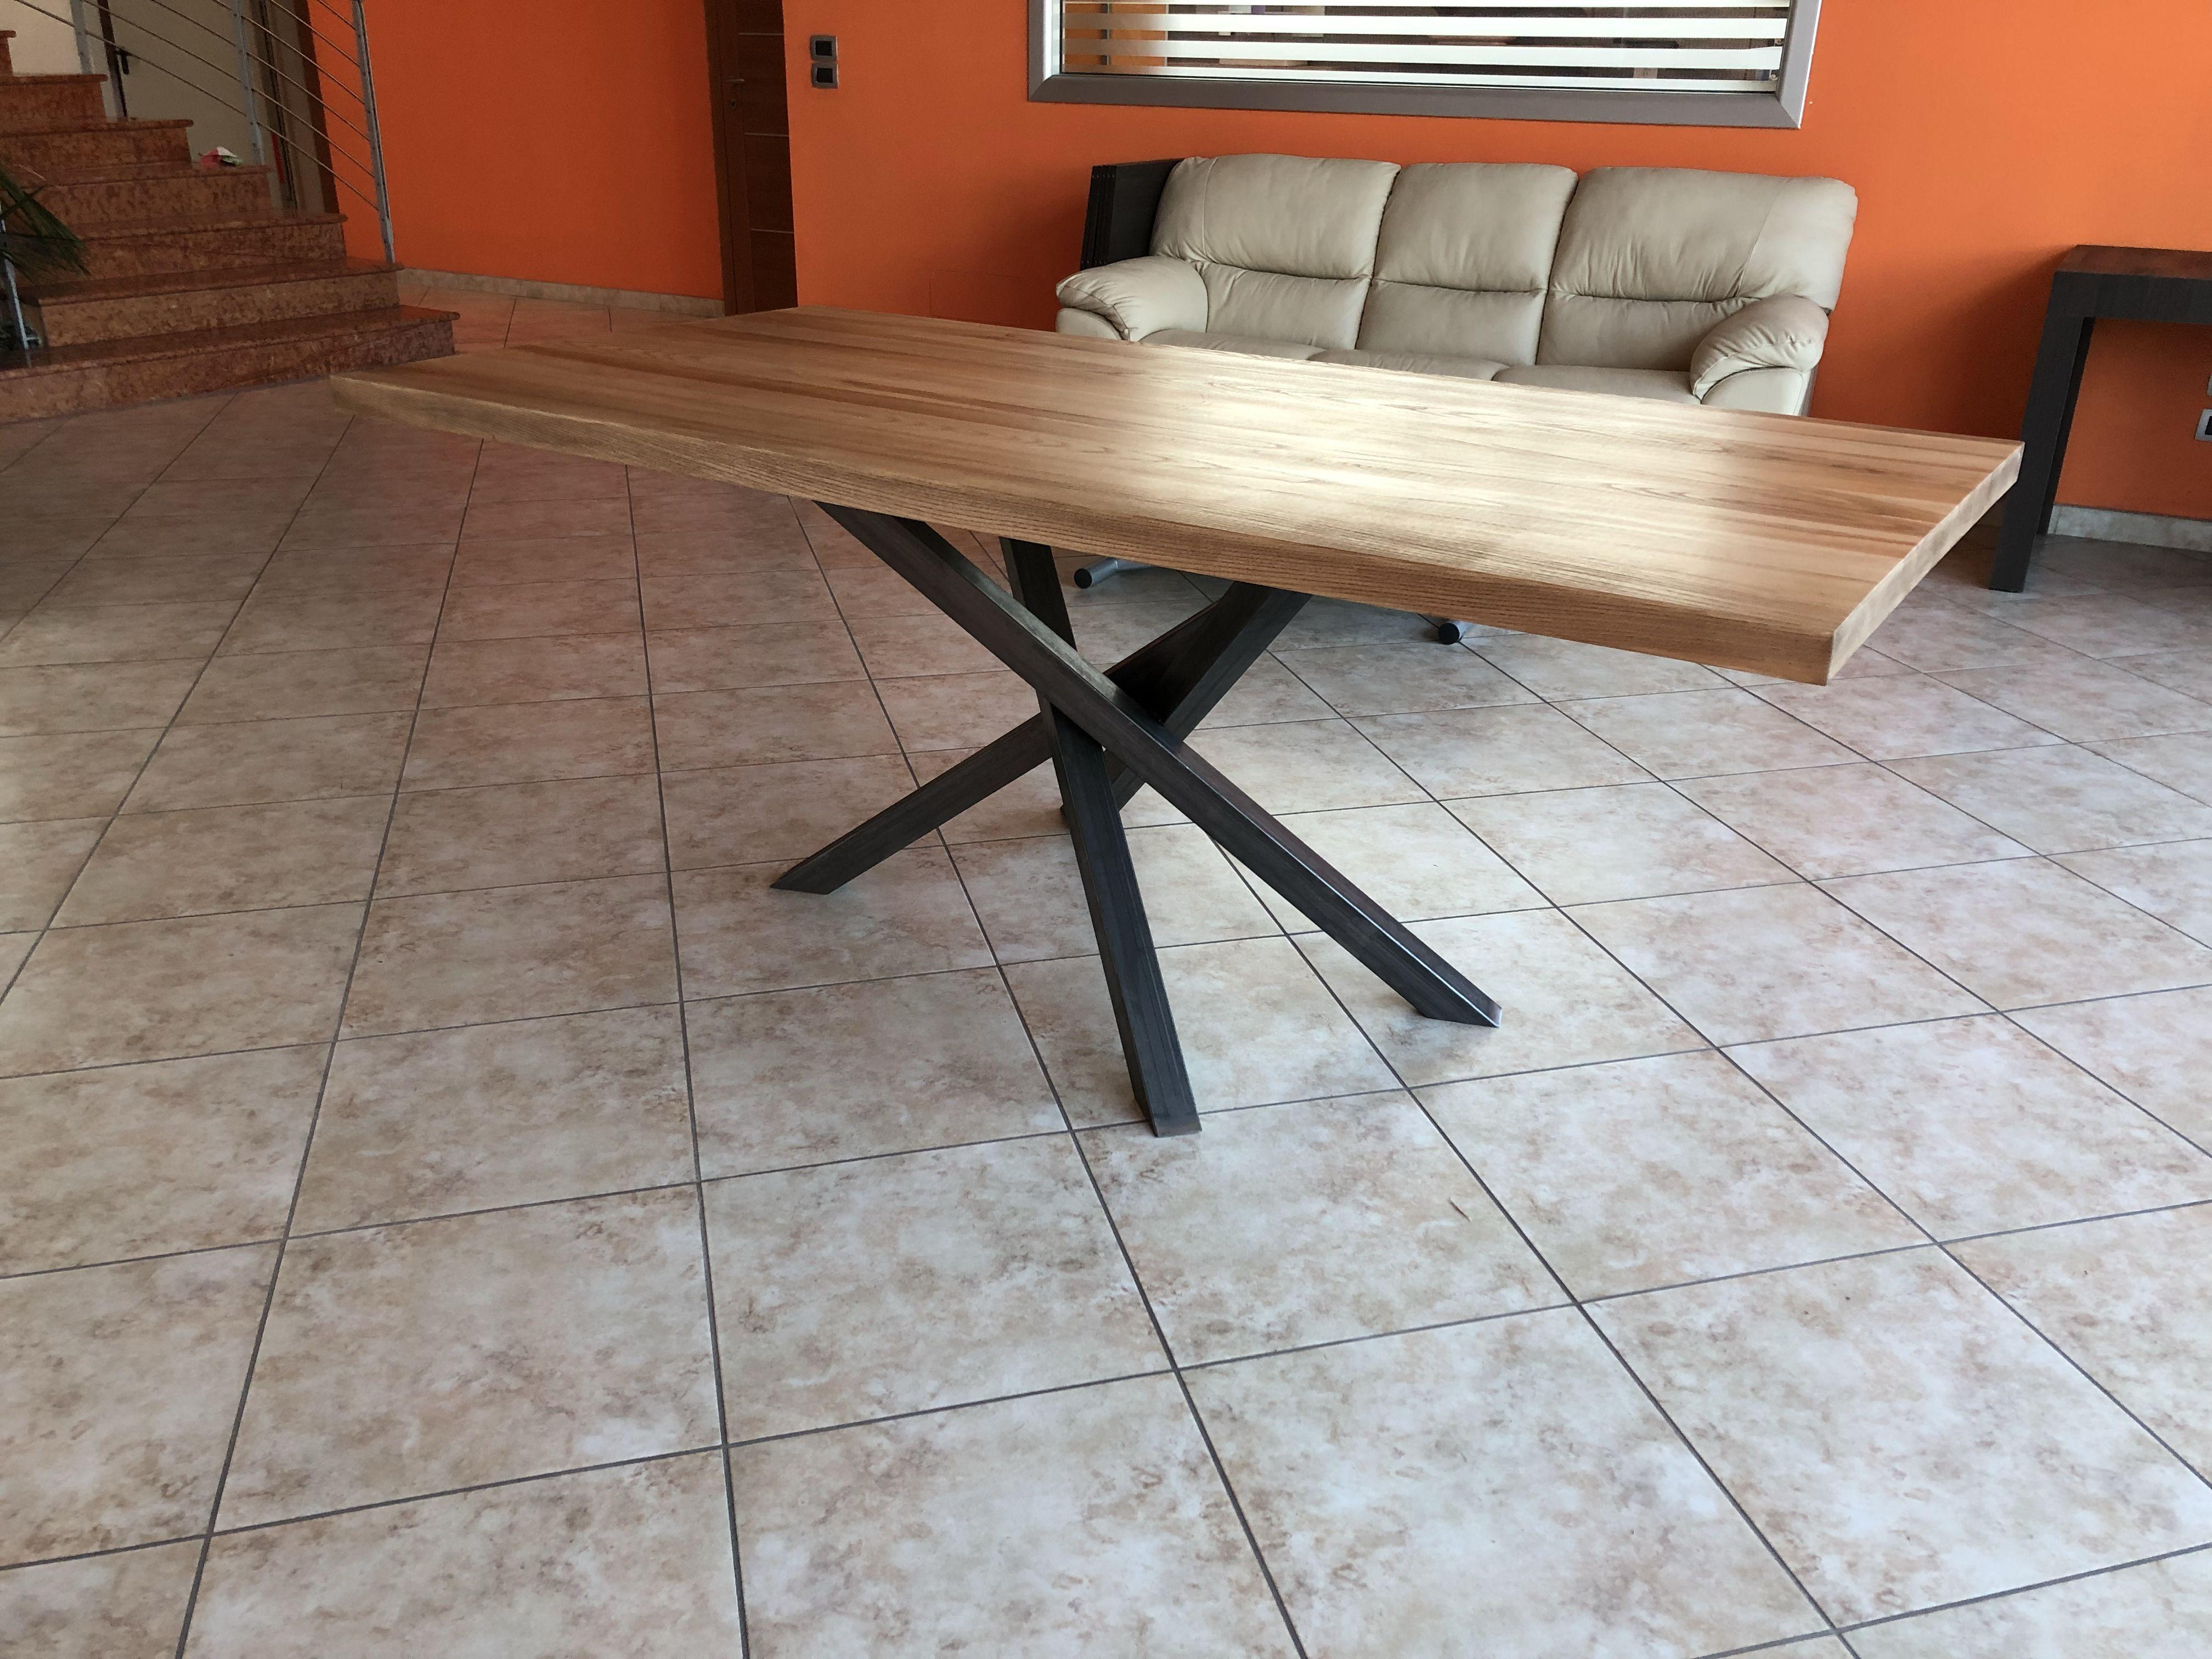 Tavoli da cucina - Tavolo Polinesia in legno massello ...